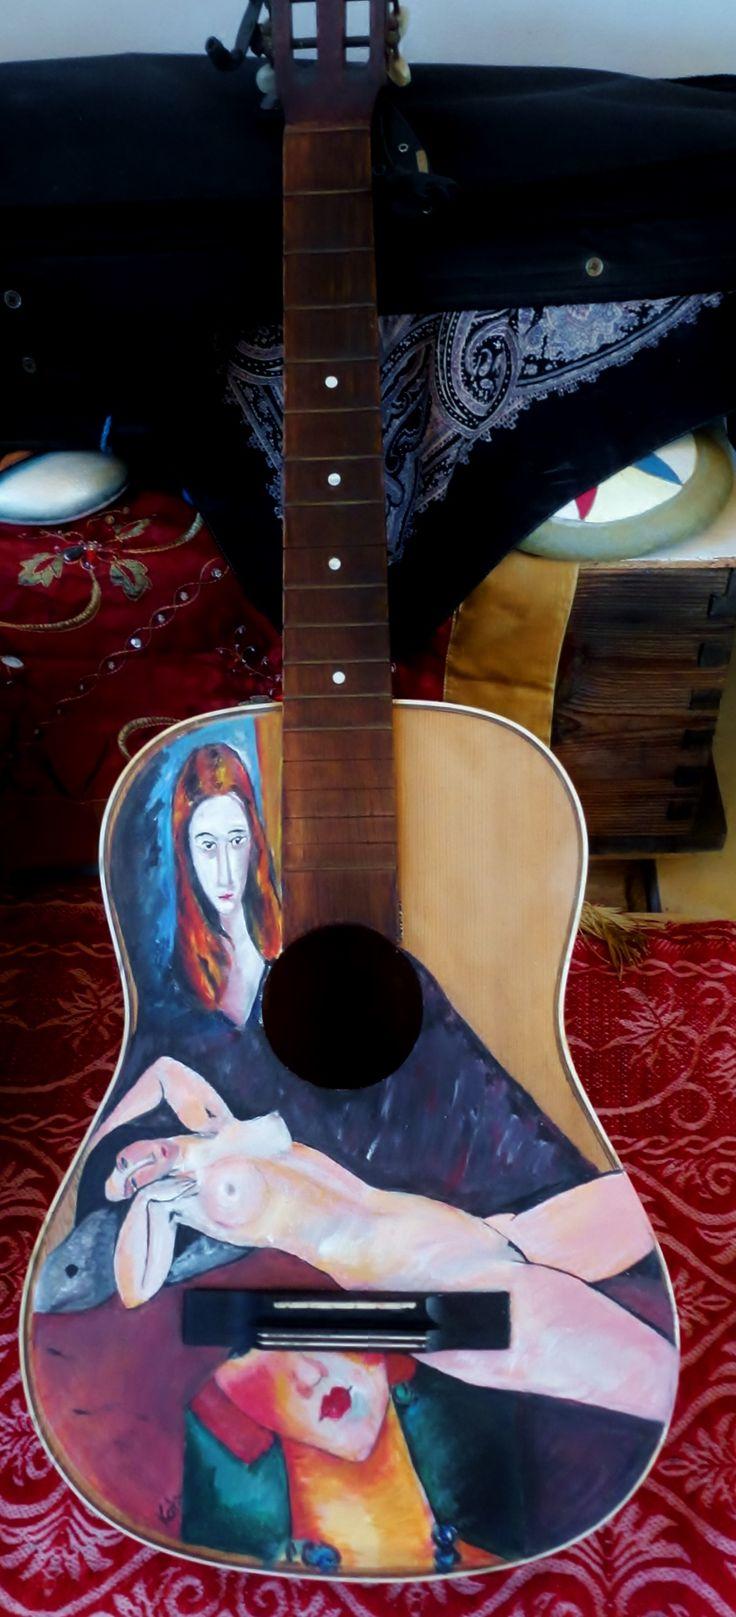 Guitare, à la Modigliani - Guitar, a la Modigliani